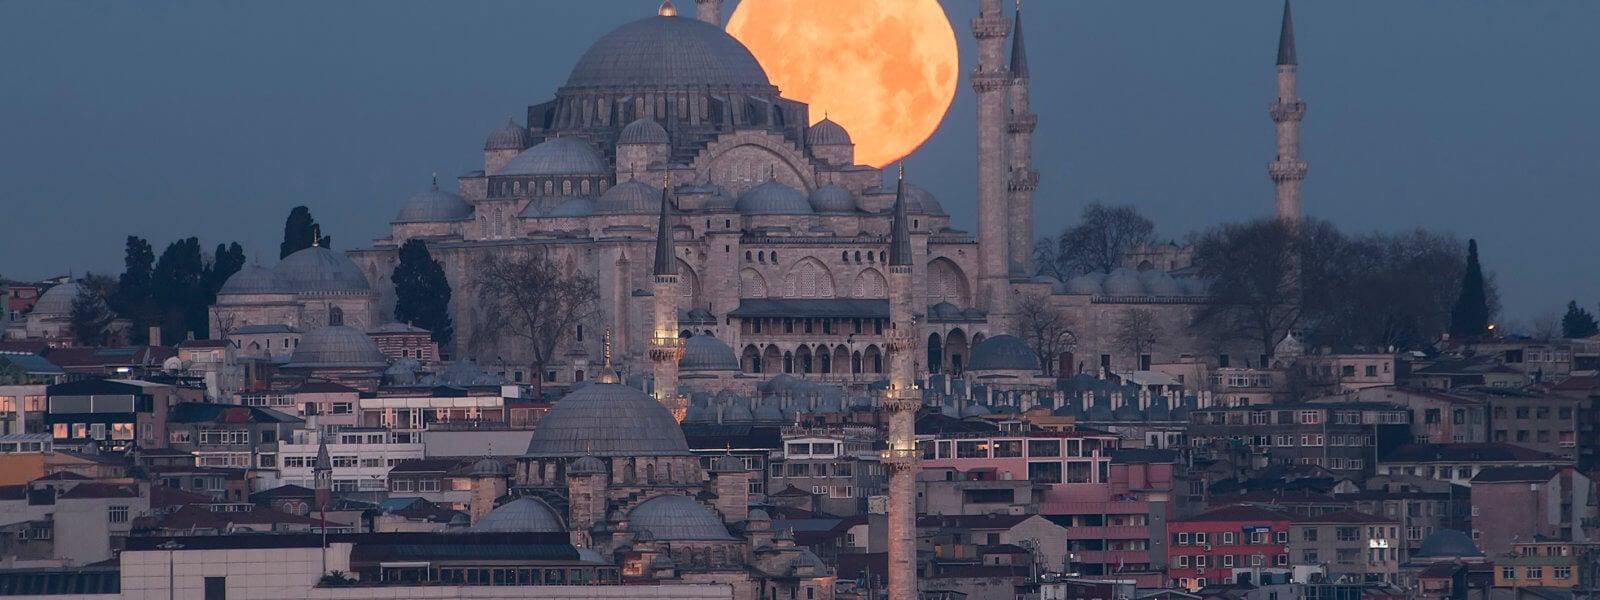 Luggage storage Istanbul